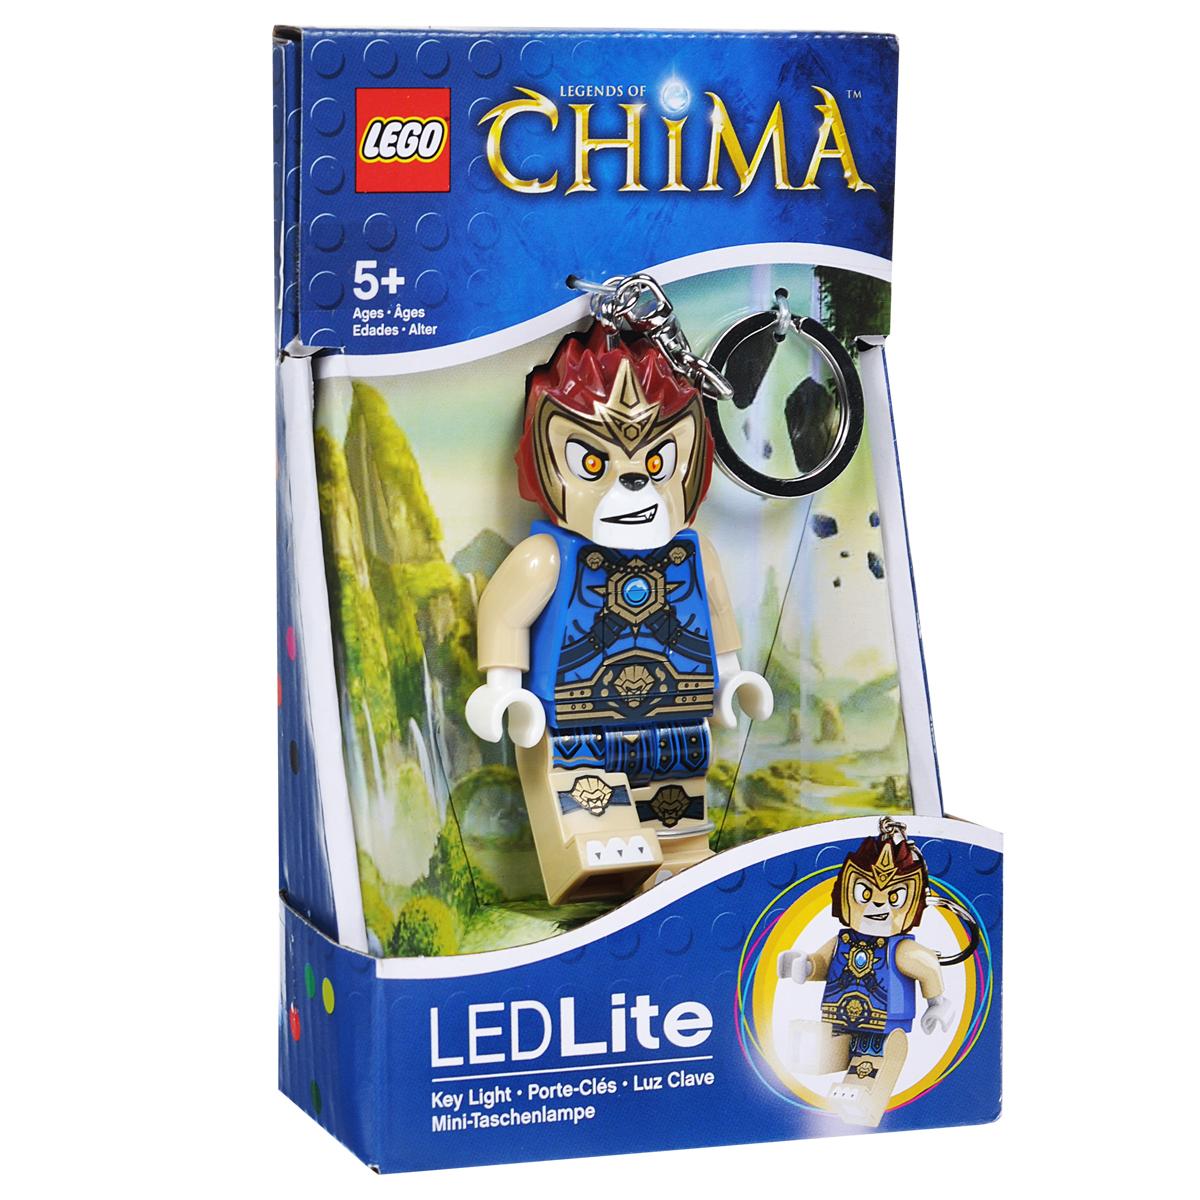 Брелок-фонарик для ключей Lego Chima LavalLGL-KE35Брелок-фонарик для ключей Lego Chima Laval станет отличным подарком для знакомых или коллег по работе. Его можно пристегнуть к рюкзаку, сумке или повесить на связку ключей. Lego Chima Laval - это современный осветительный прибор в классической форме фигурки Lego с подвижными конечностями. В ноги фигурки встроены два ярких светодиода, которые включаются нажатием на кнопку, расположенную на животе человечка.